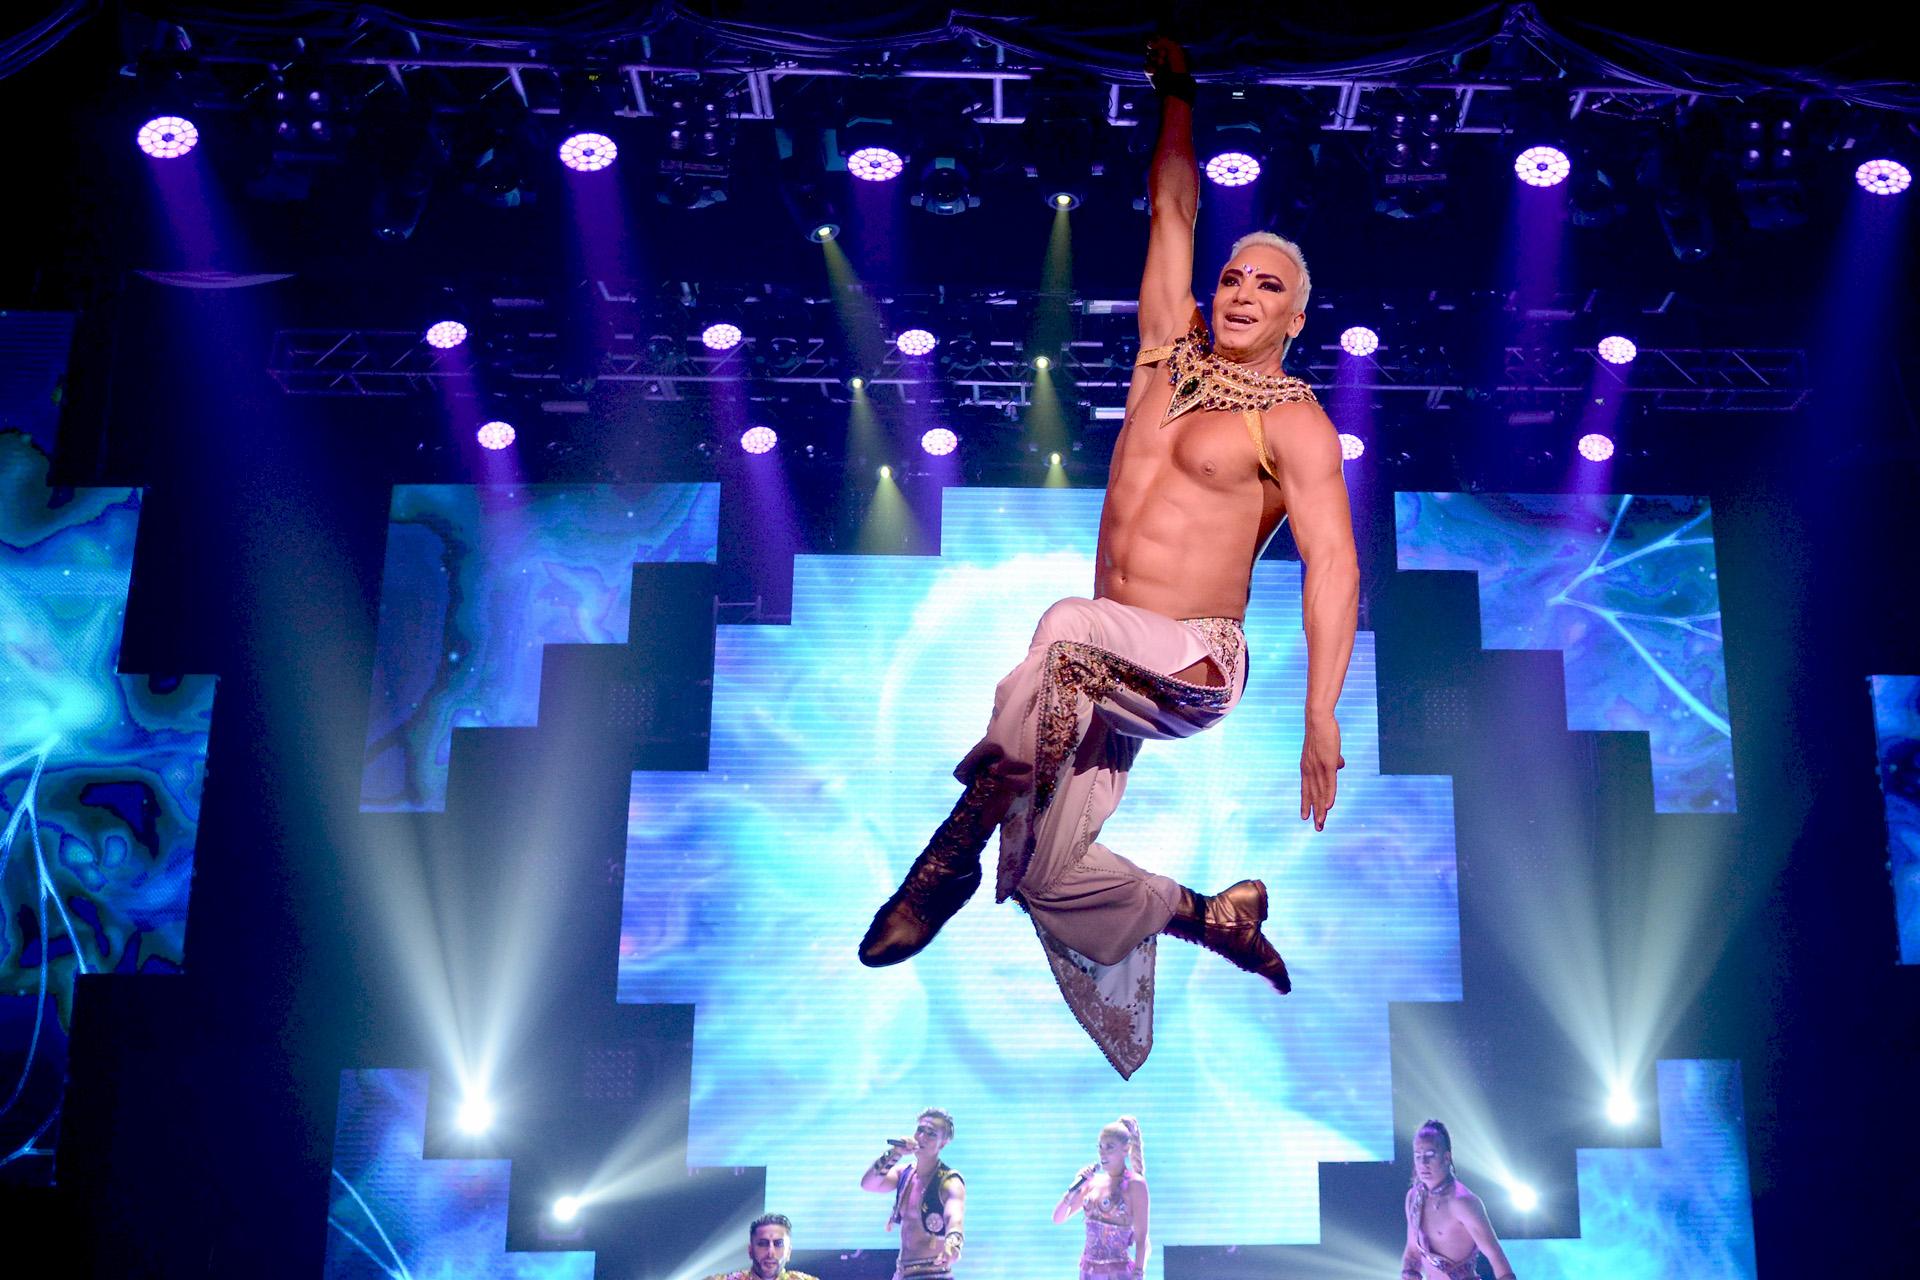 El coreógrafo y bailarín se luce durante el show con su talento